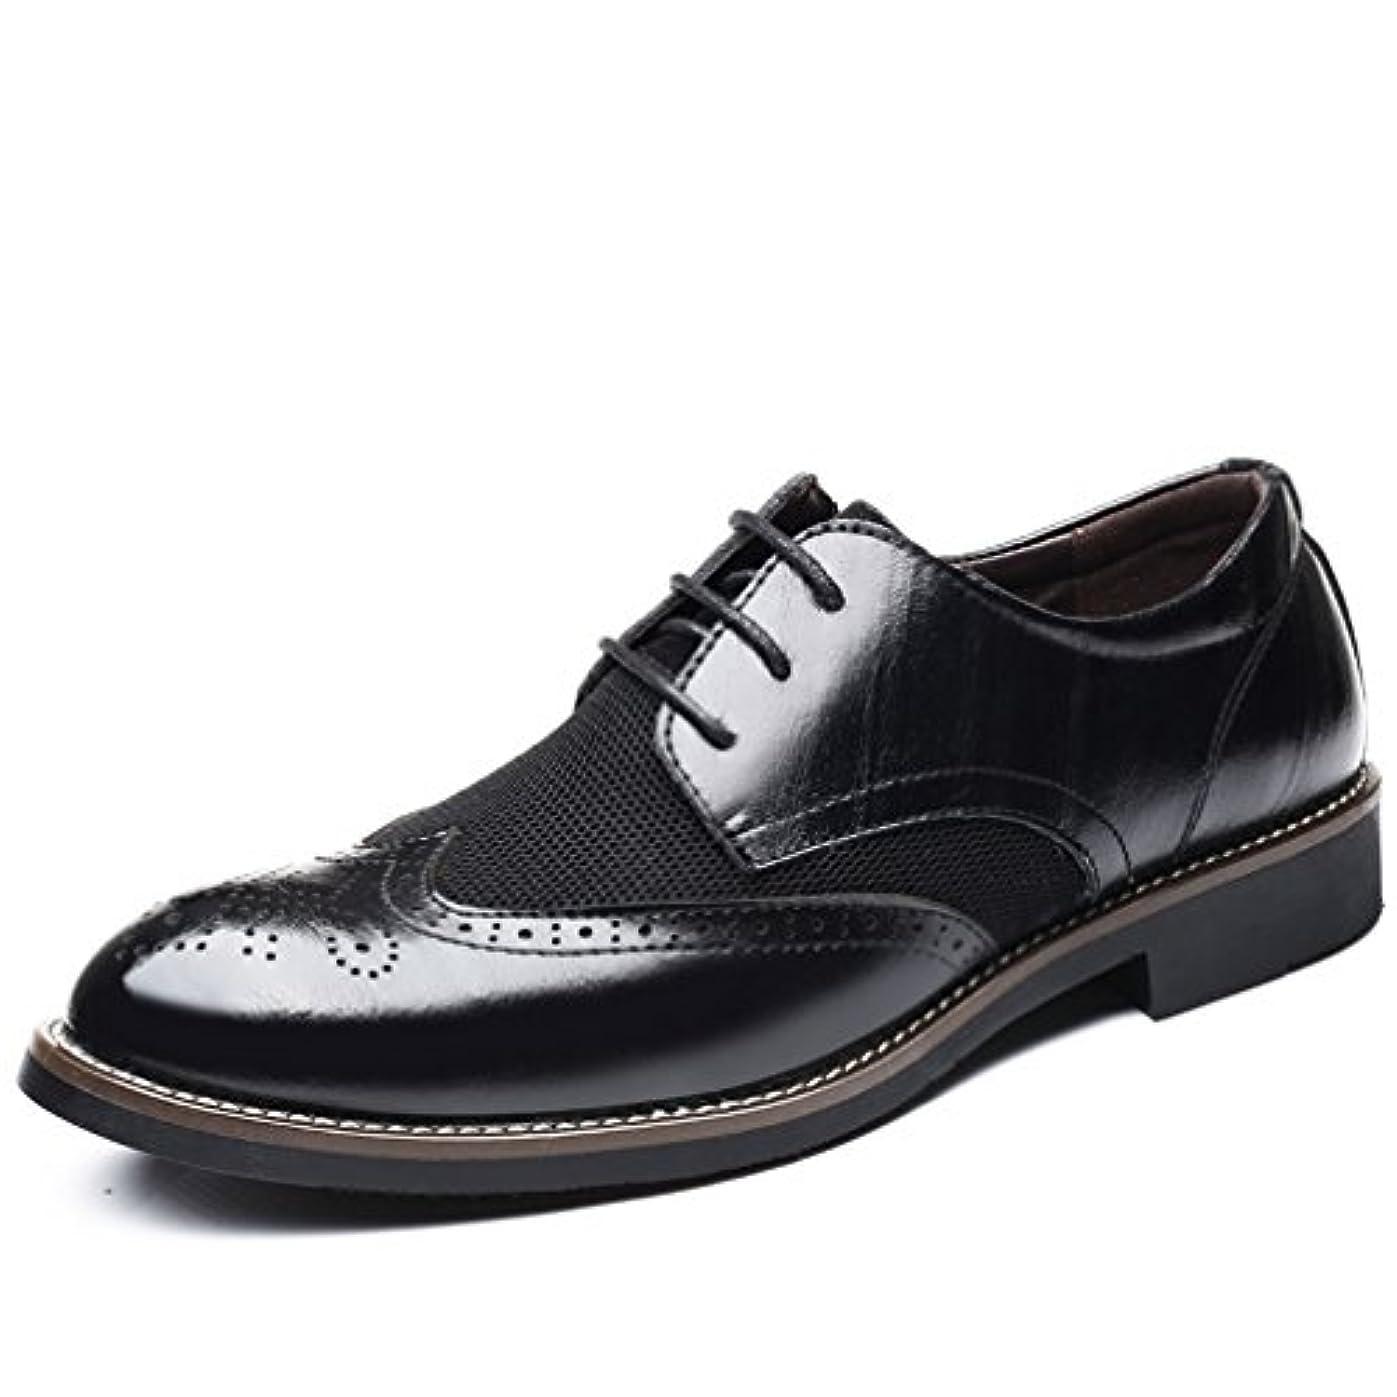 協定労働私たちWEWIN ビジネスシューズ メンズ 本革 夏 メッシュ 革靴 レースアップ ウイングチップ サンダル カジュアルシューズ 快適 通気 蒸れない